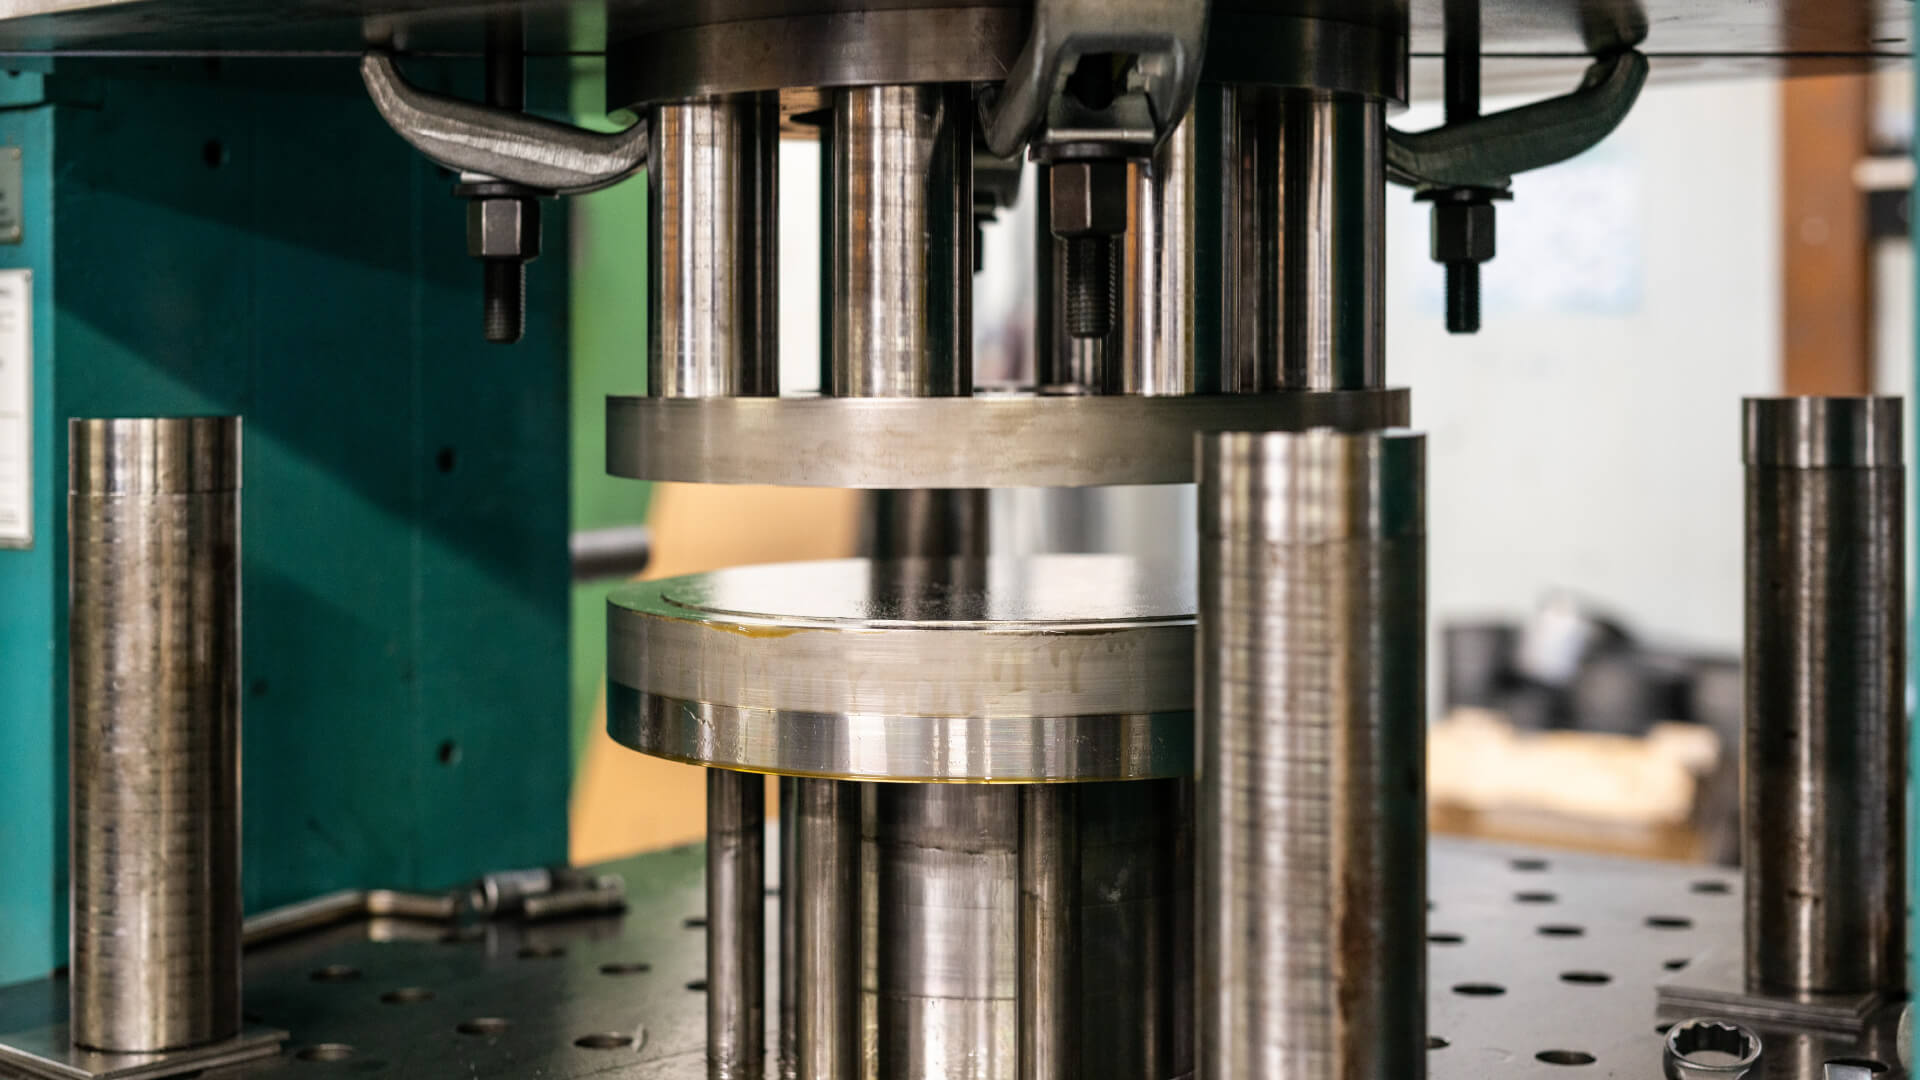 Klantverhaal bij de Mercuur CAD2M